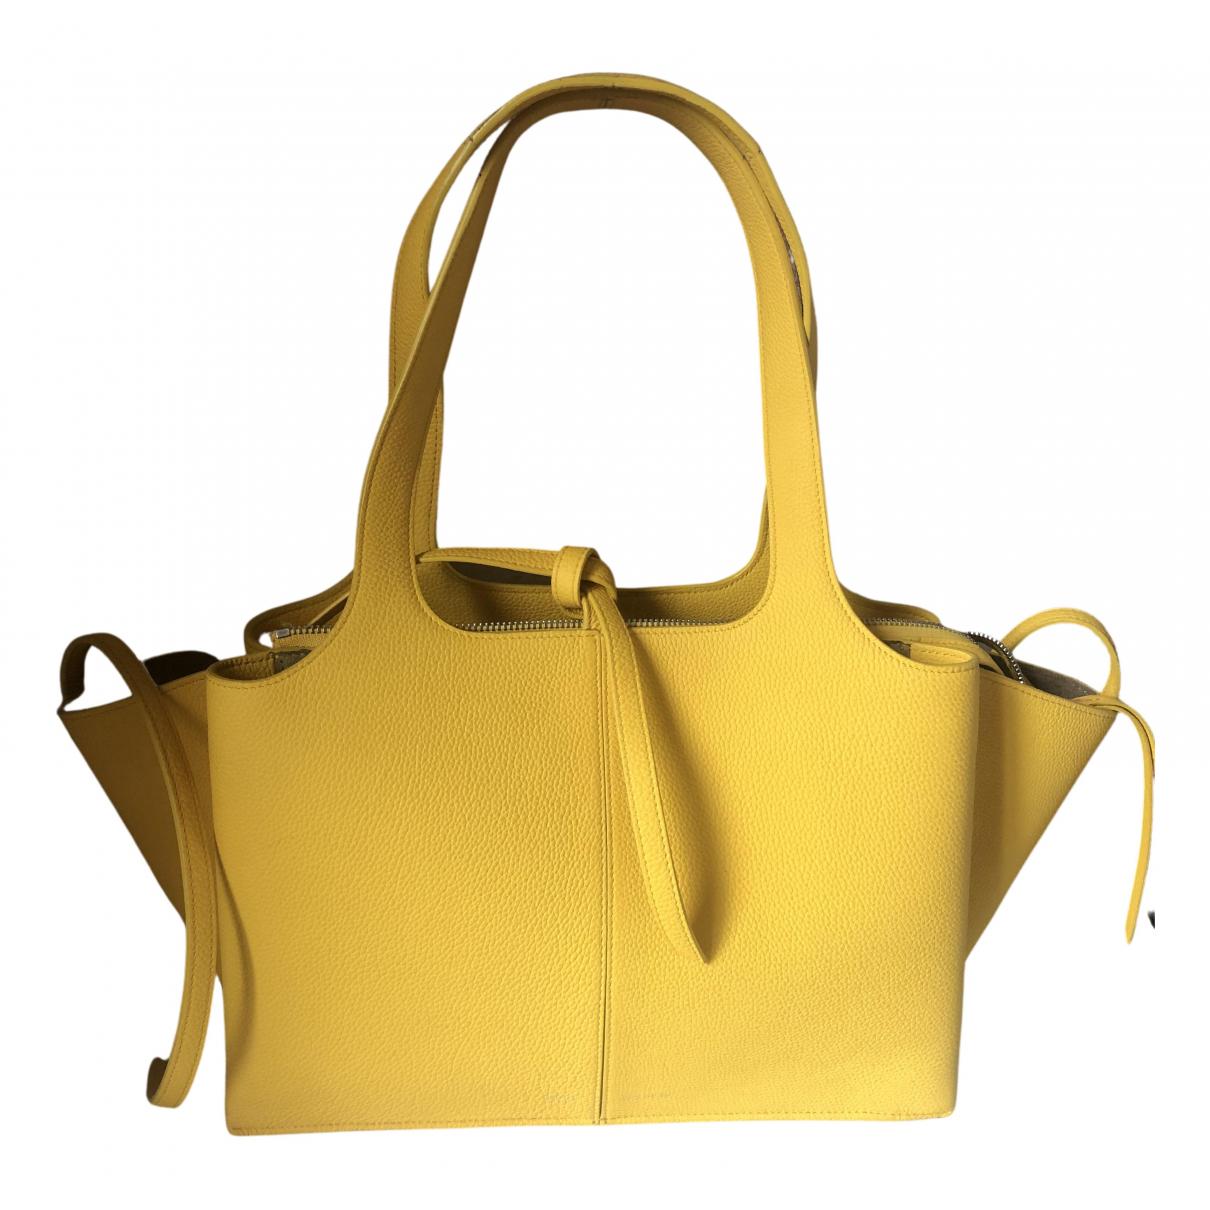 Celine - Sac a main Tri-Fold pour femme en cuir - jaune